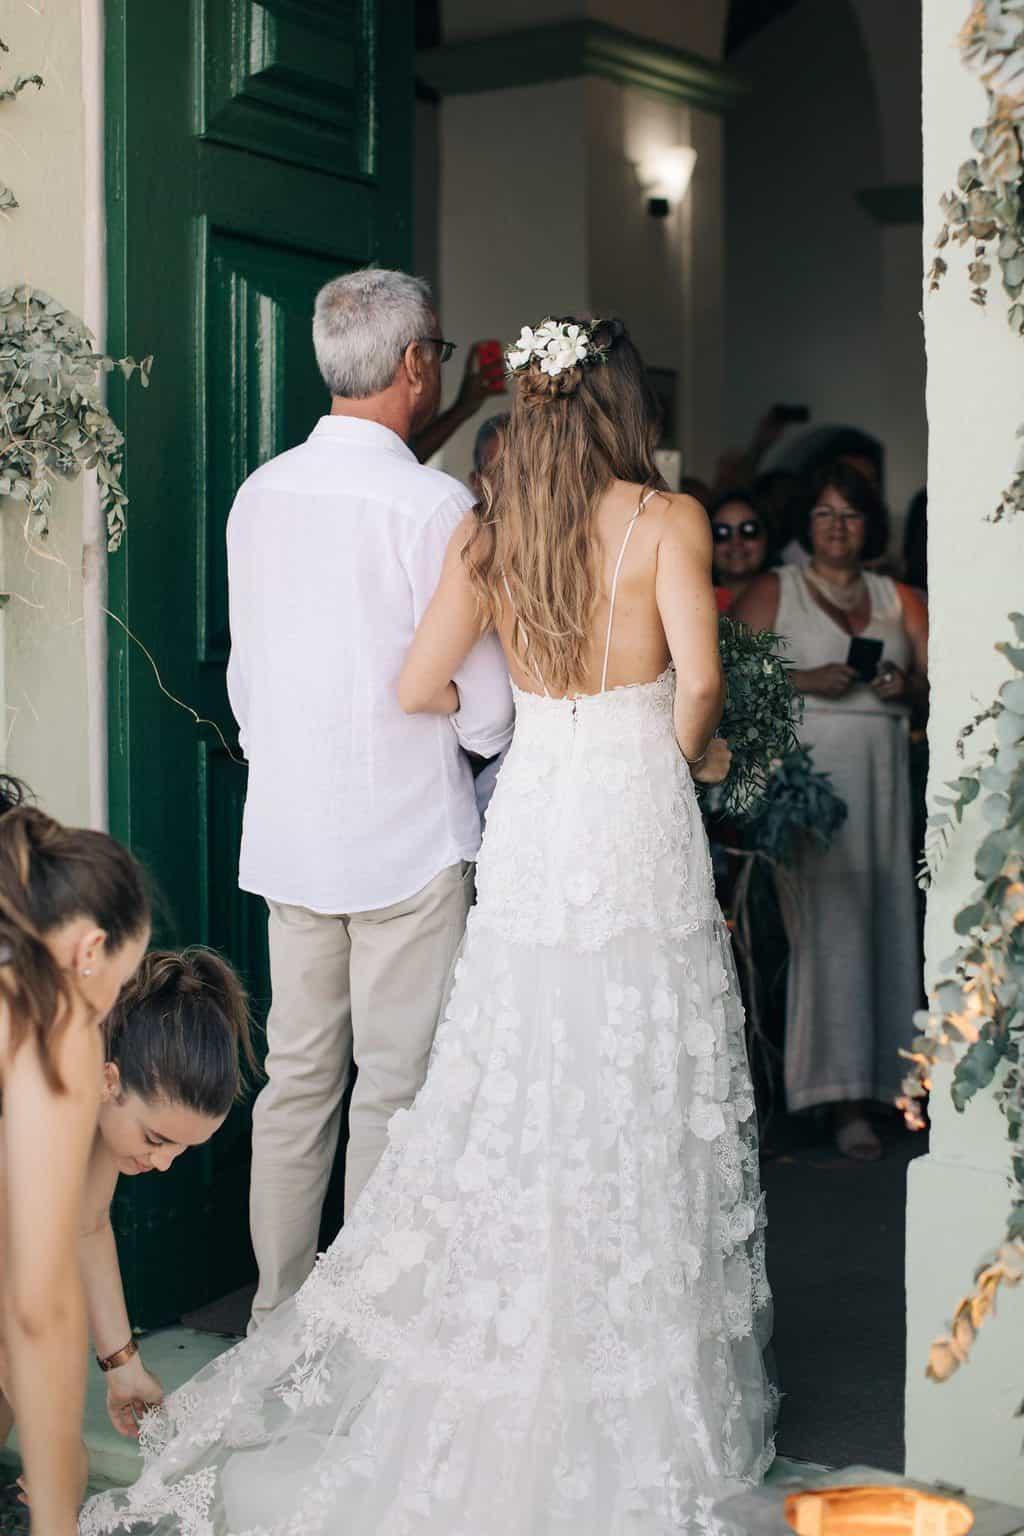 casamento-Danielle-e-Guilherme-aloha-fotografia-caseme-81